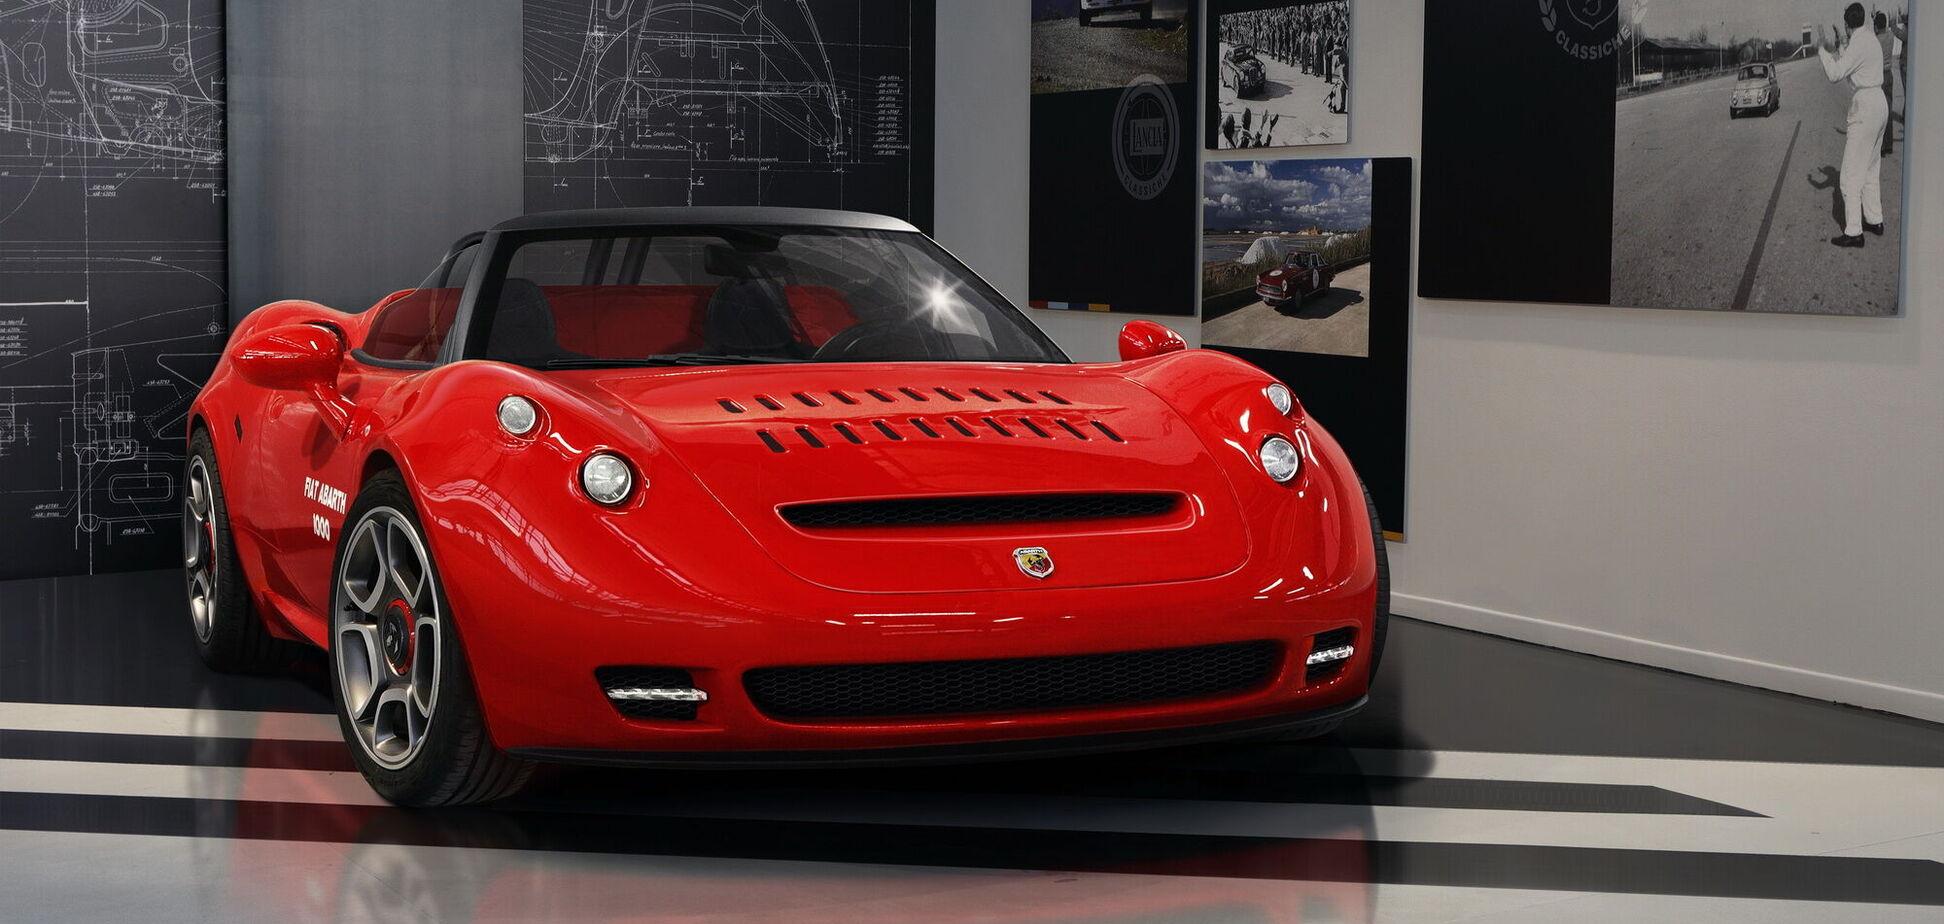 Італійський Abarth створив концепт за мотивами моделі 60-х